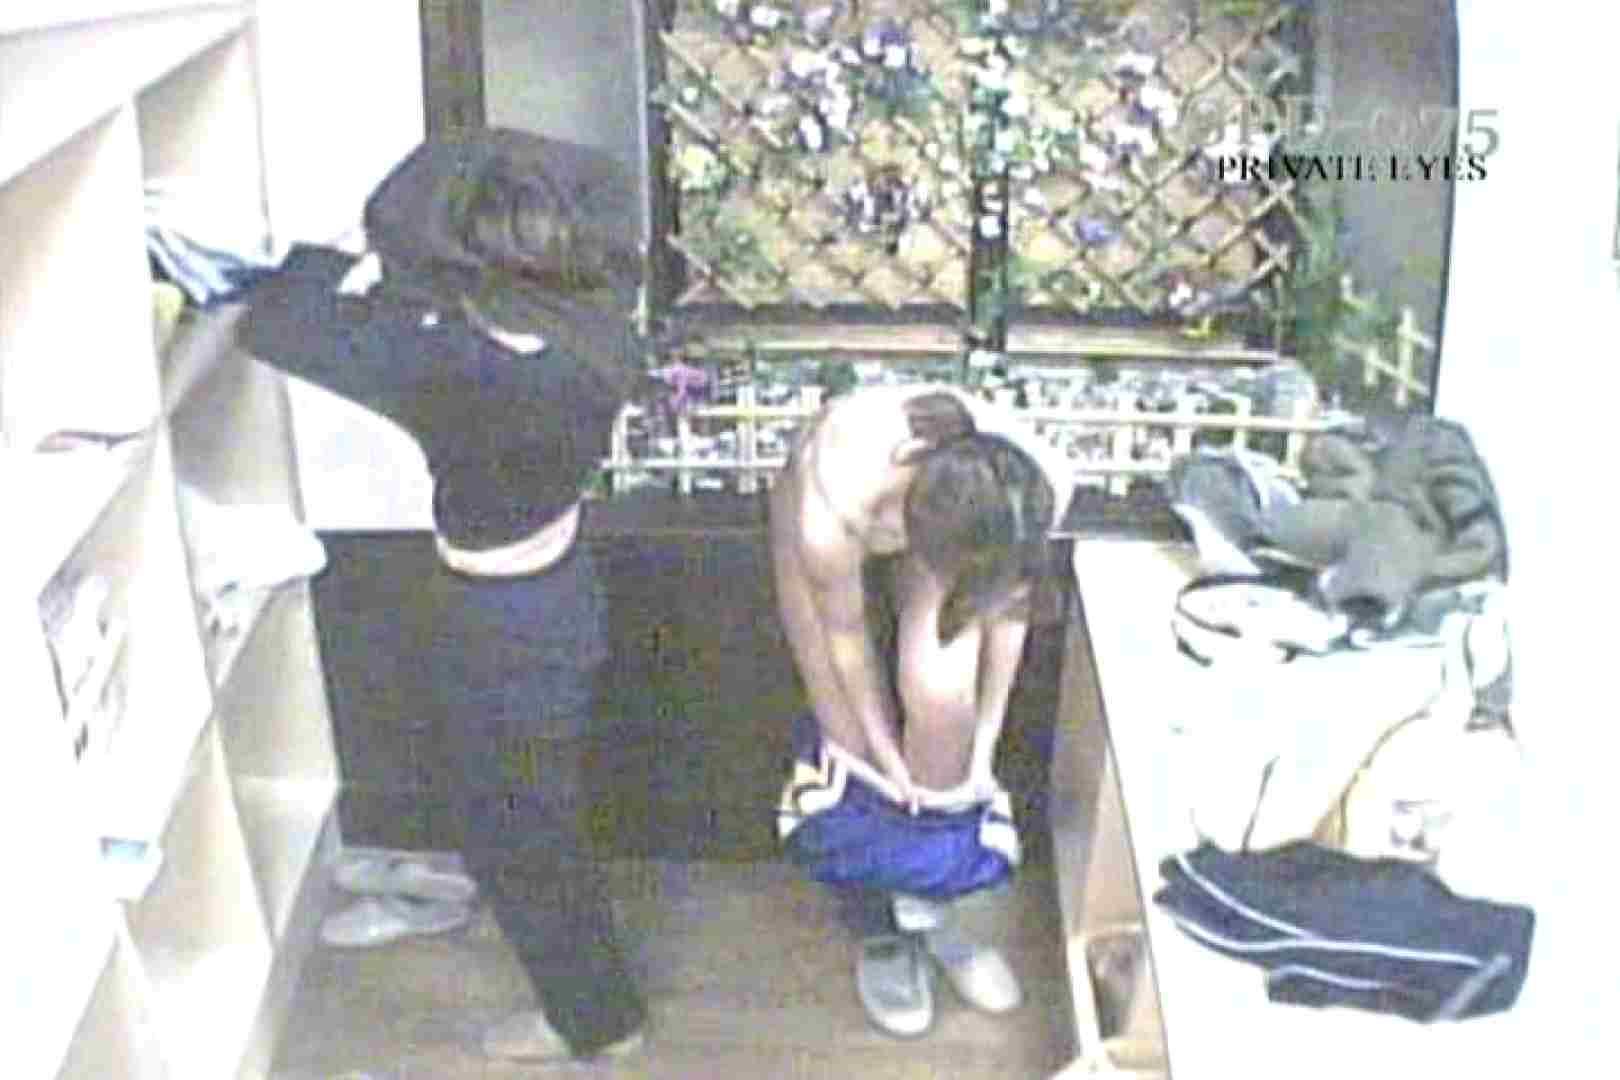 高画質版!SPD-075 脱衣所から洗面所まで 9カメ追跡盗撮 盗撮 おまんこ無修正動画無料 45連発 44